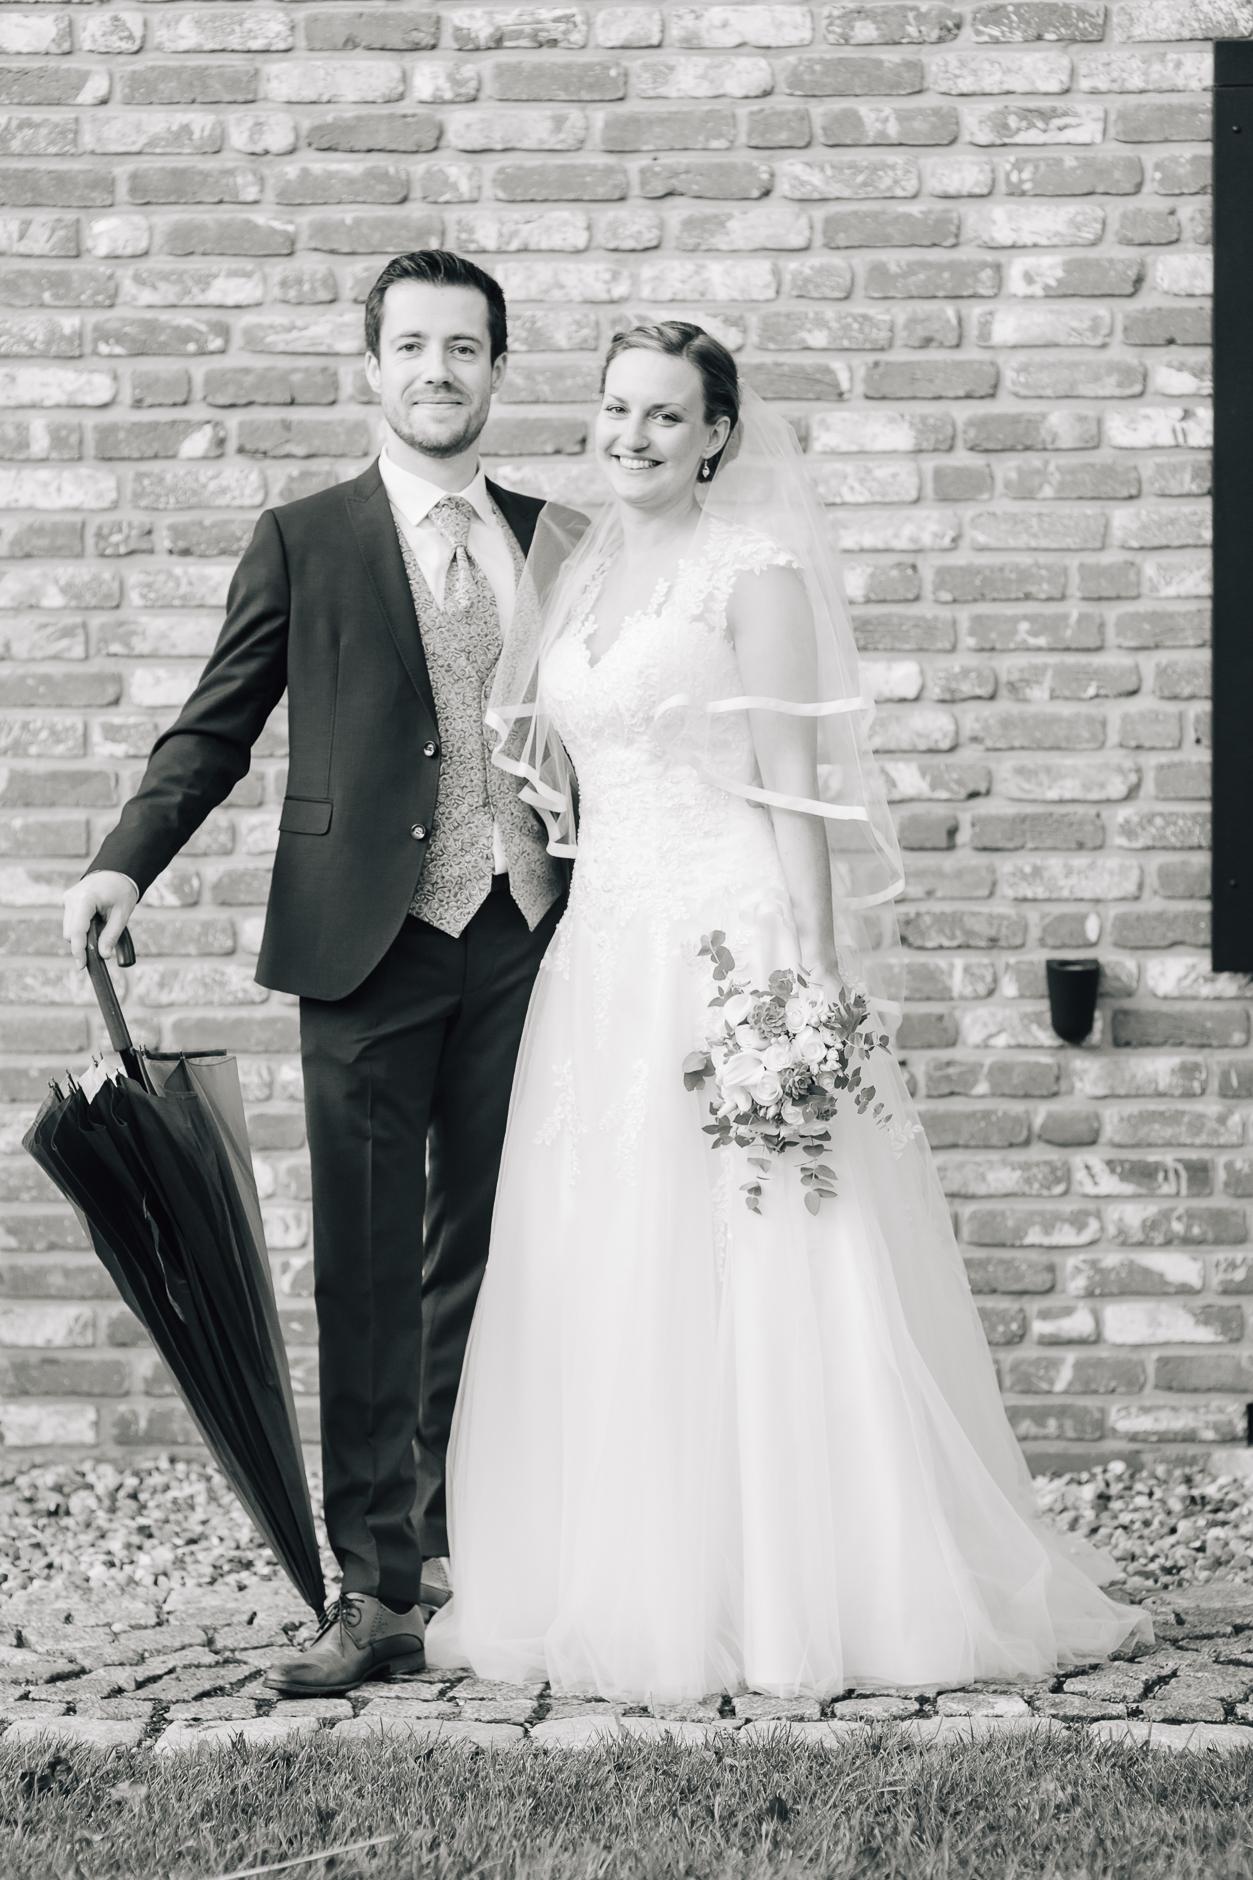 Hochzeitsbild royal style